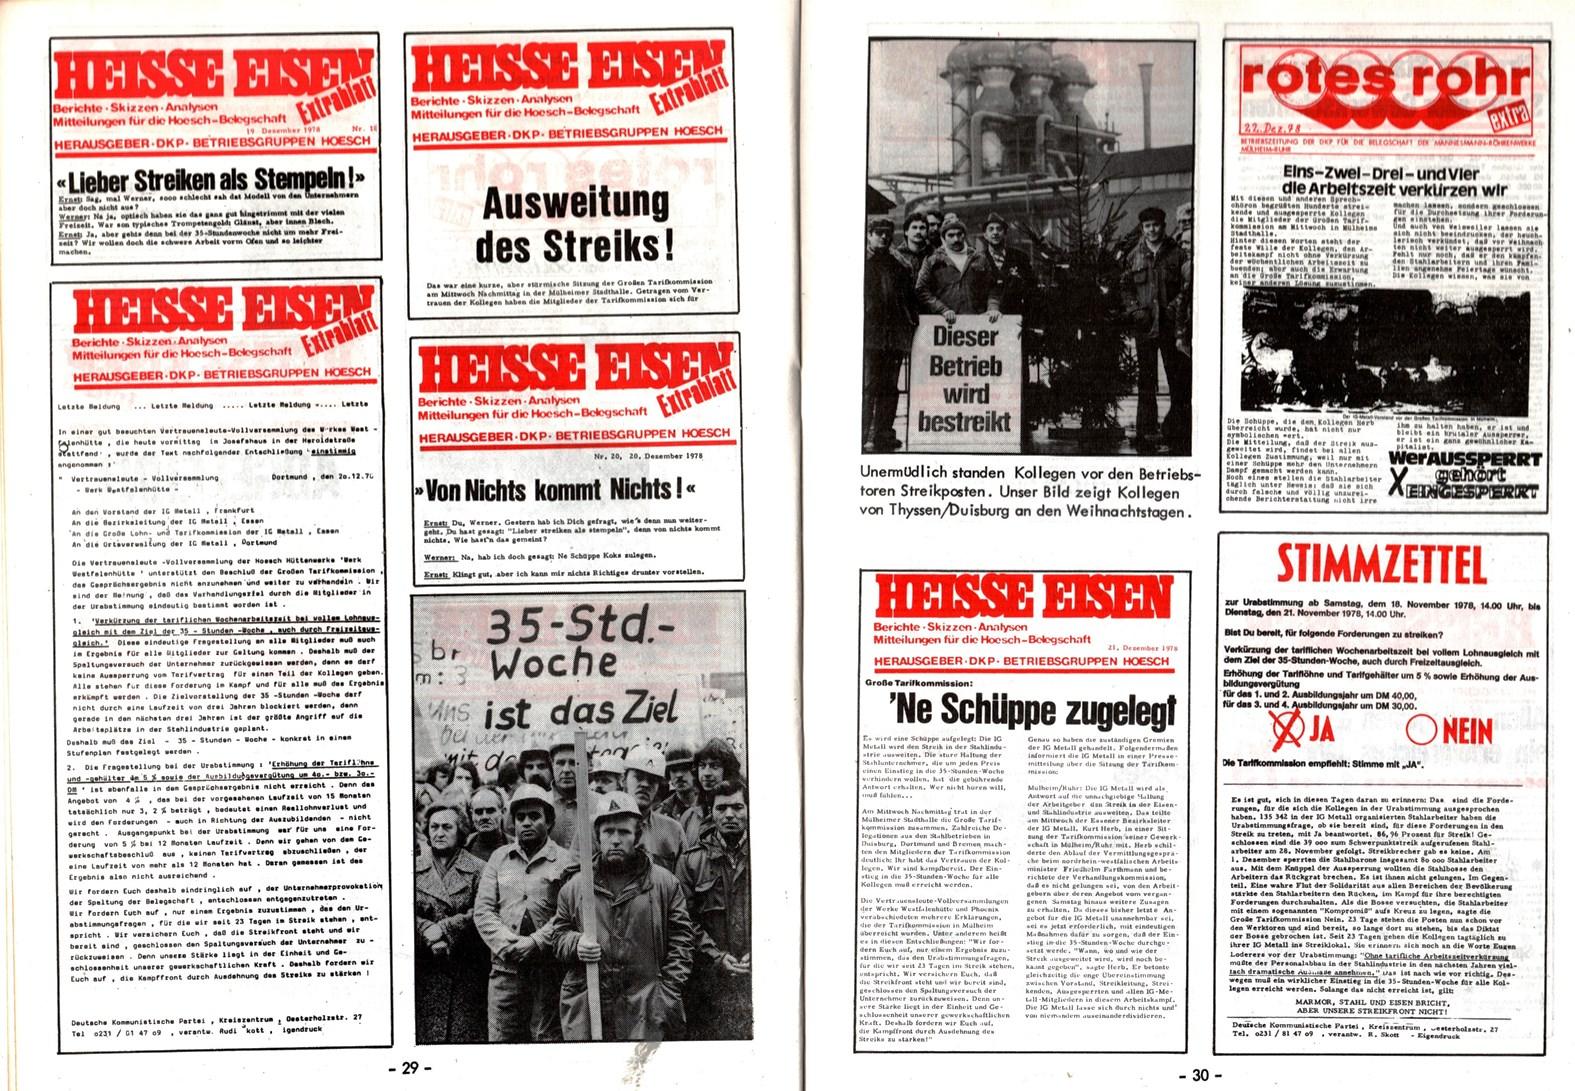 NRW_DKP_Stahlarbeiterstreik_1978_1979_016